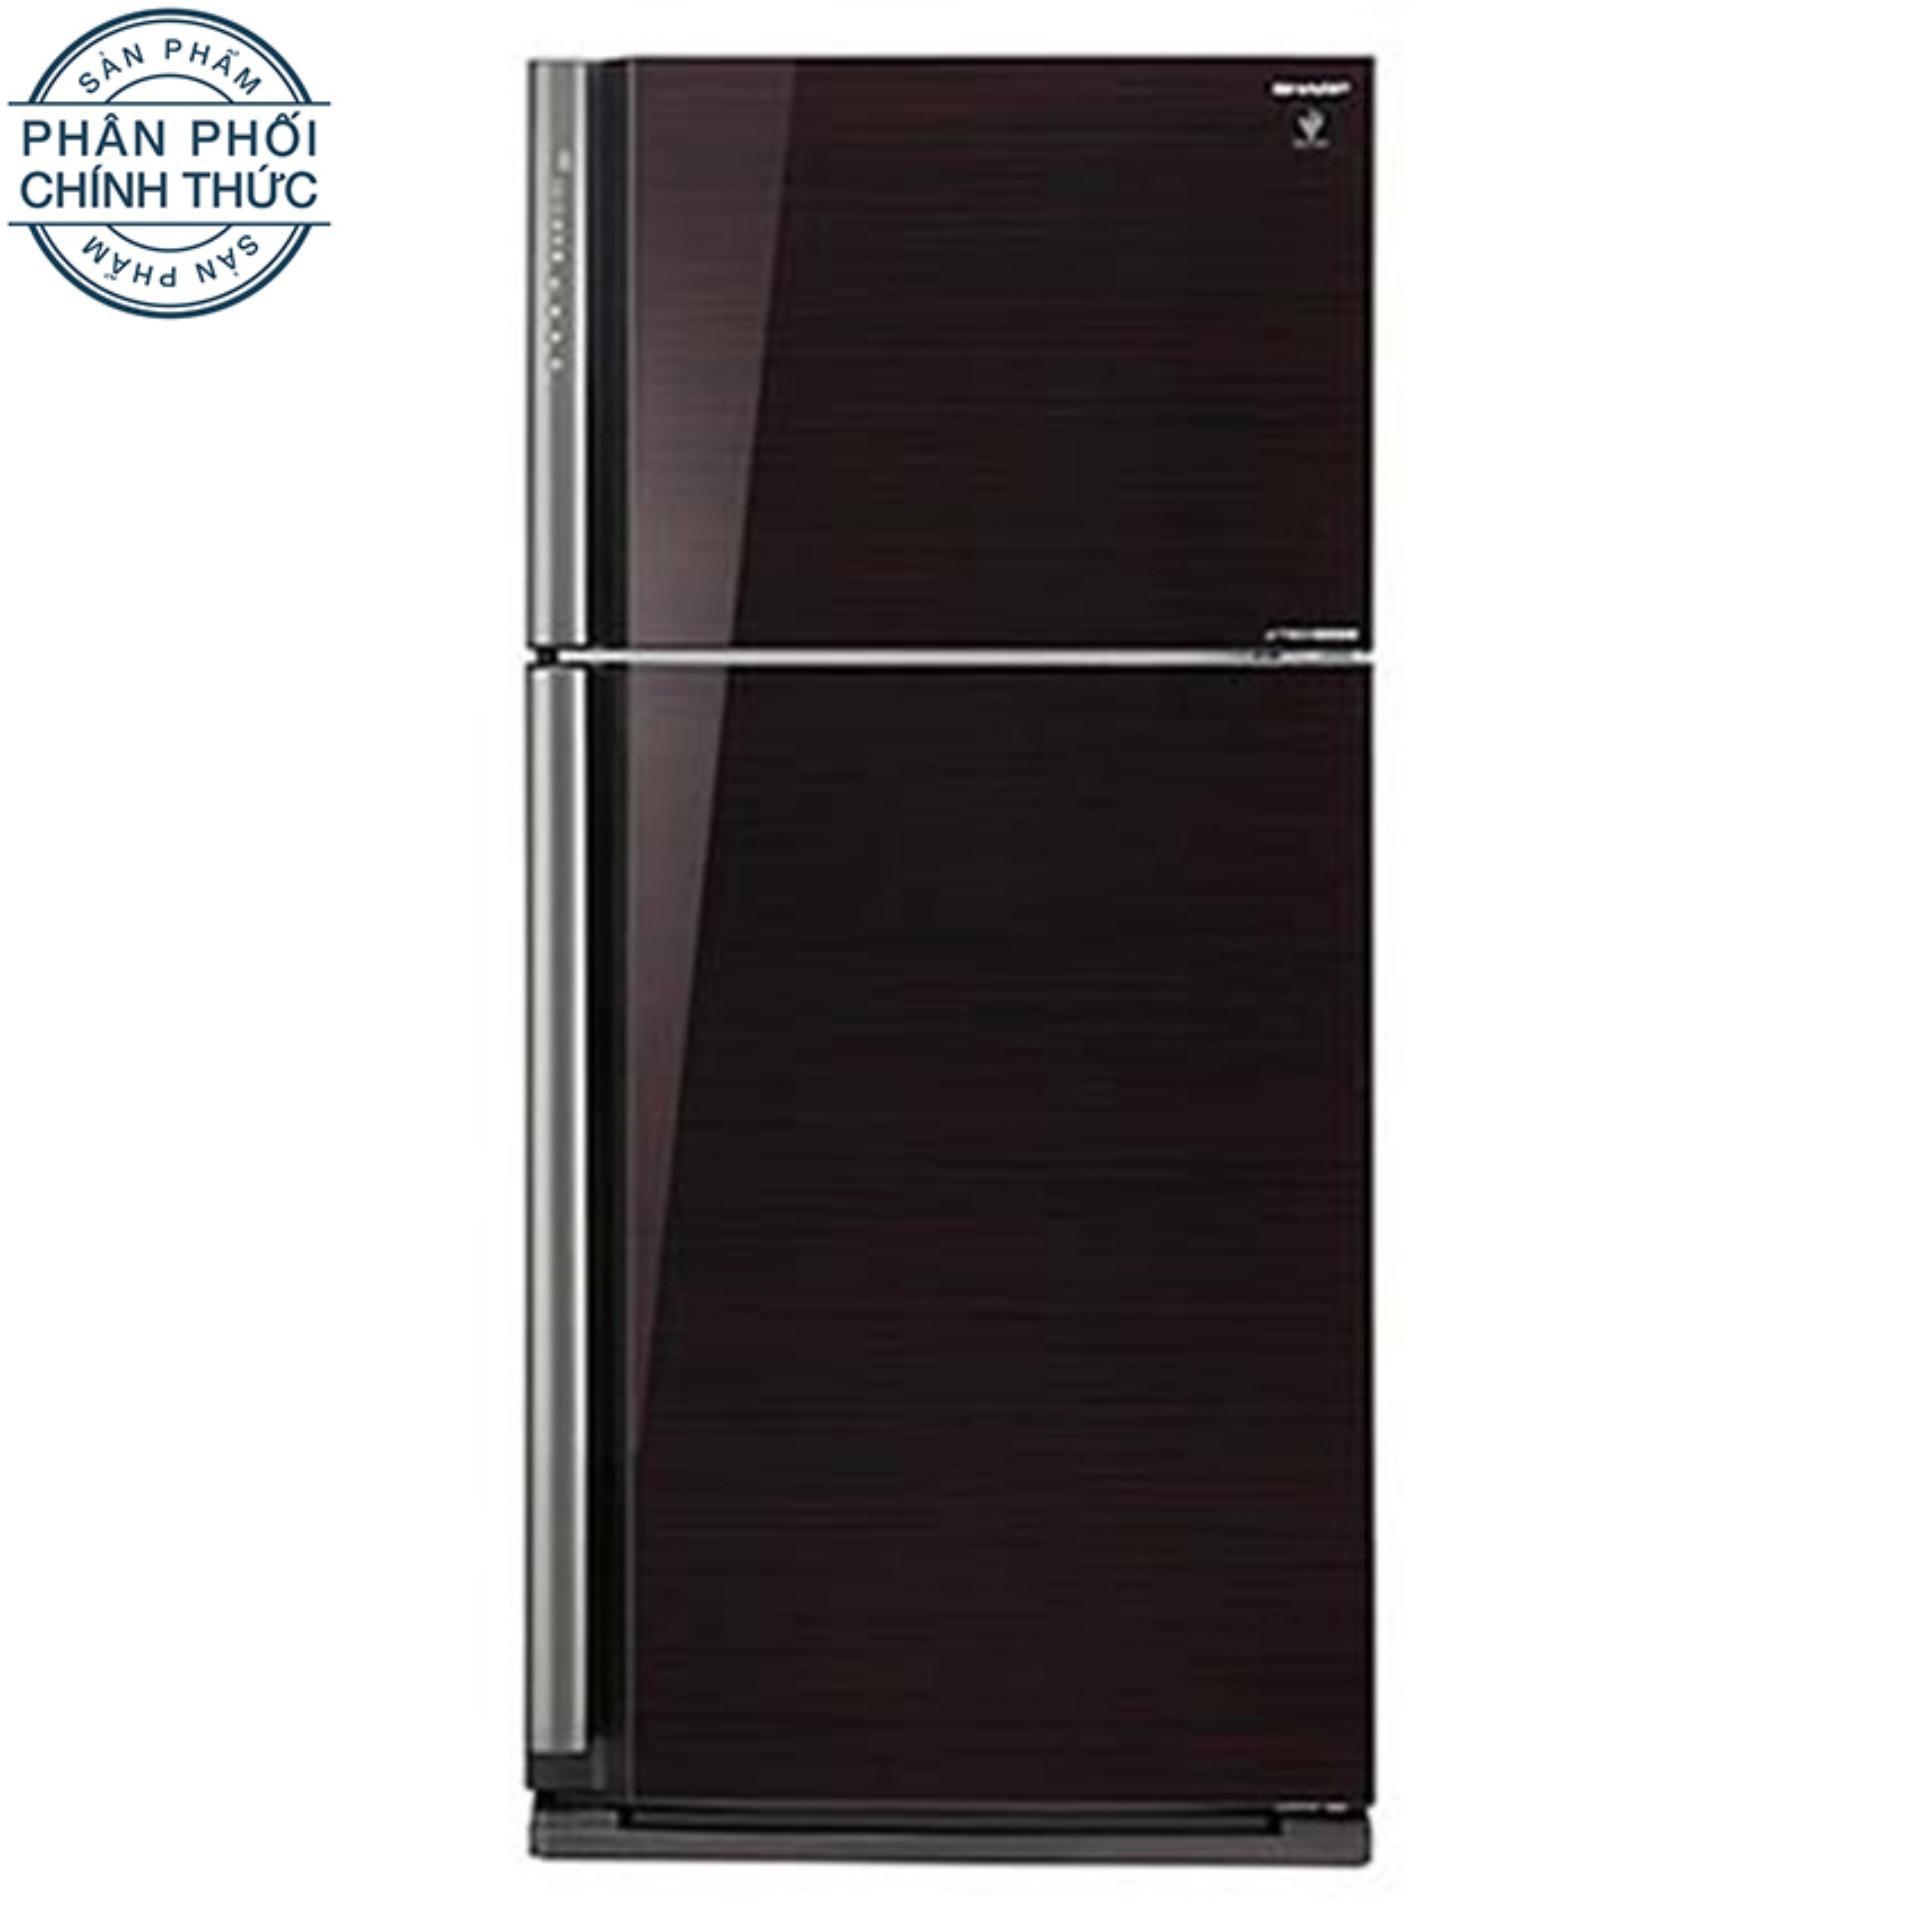 Tủ lạnh Sharp Dolphin SJ-XP590PG-BK 585L (Đen)